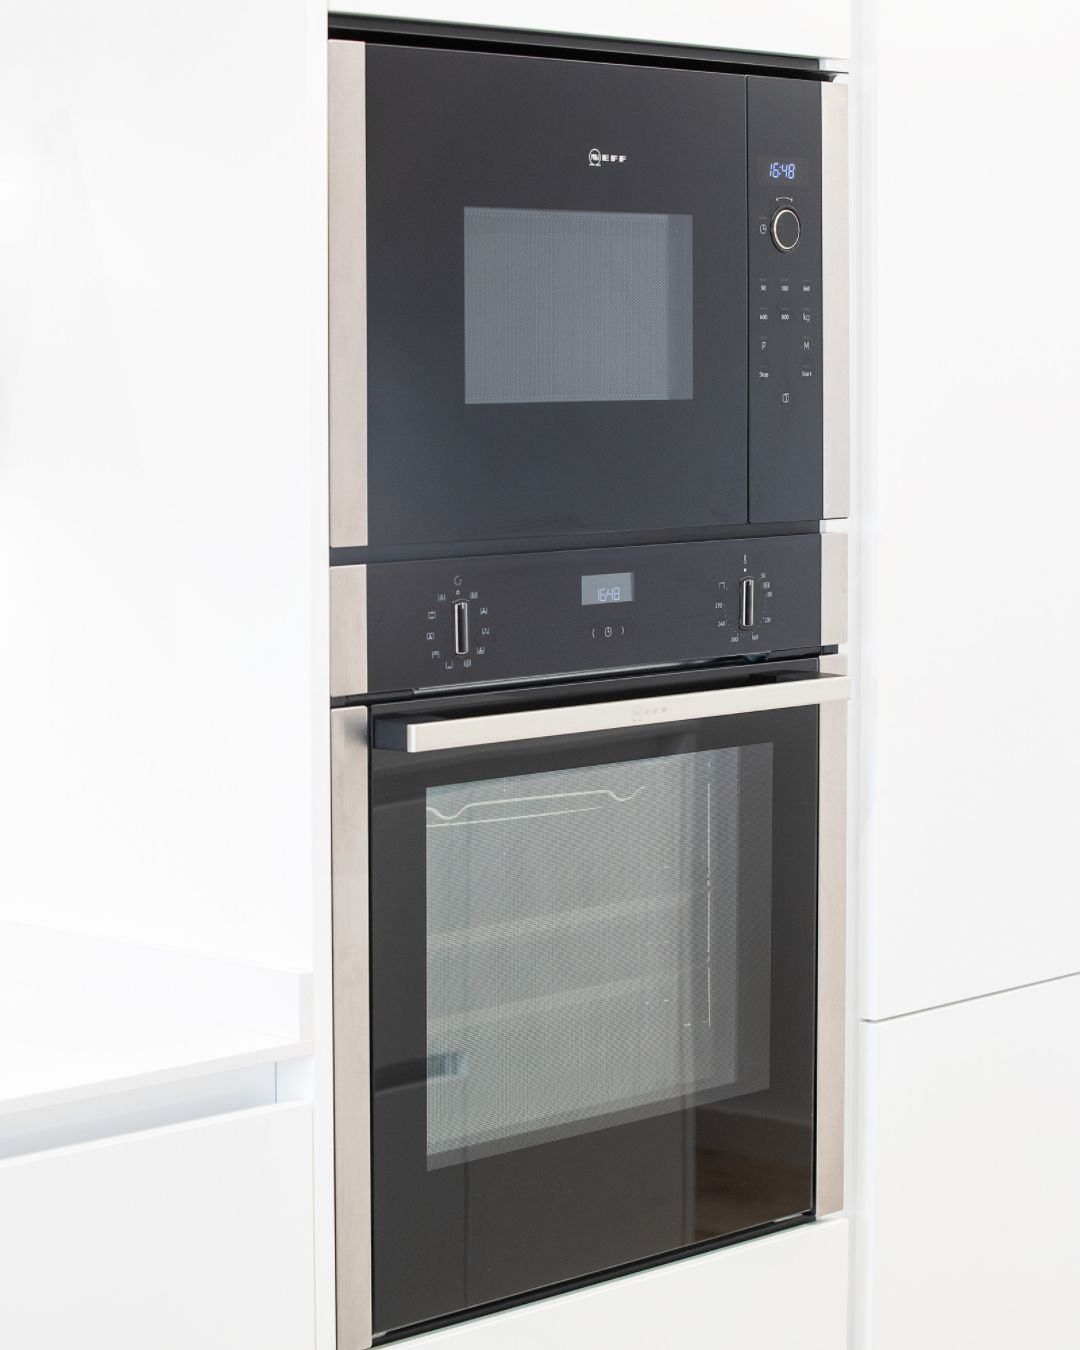 Horno integrado en una cocina de diseño Buraglia